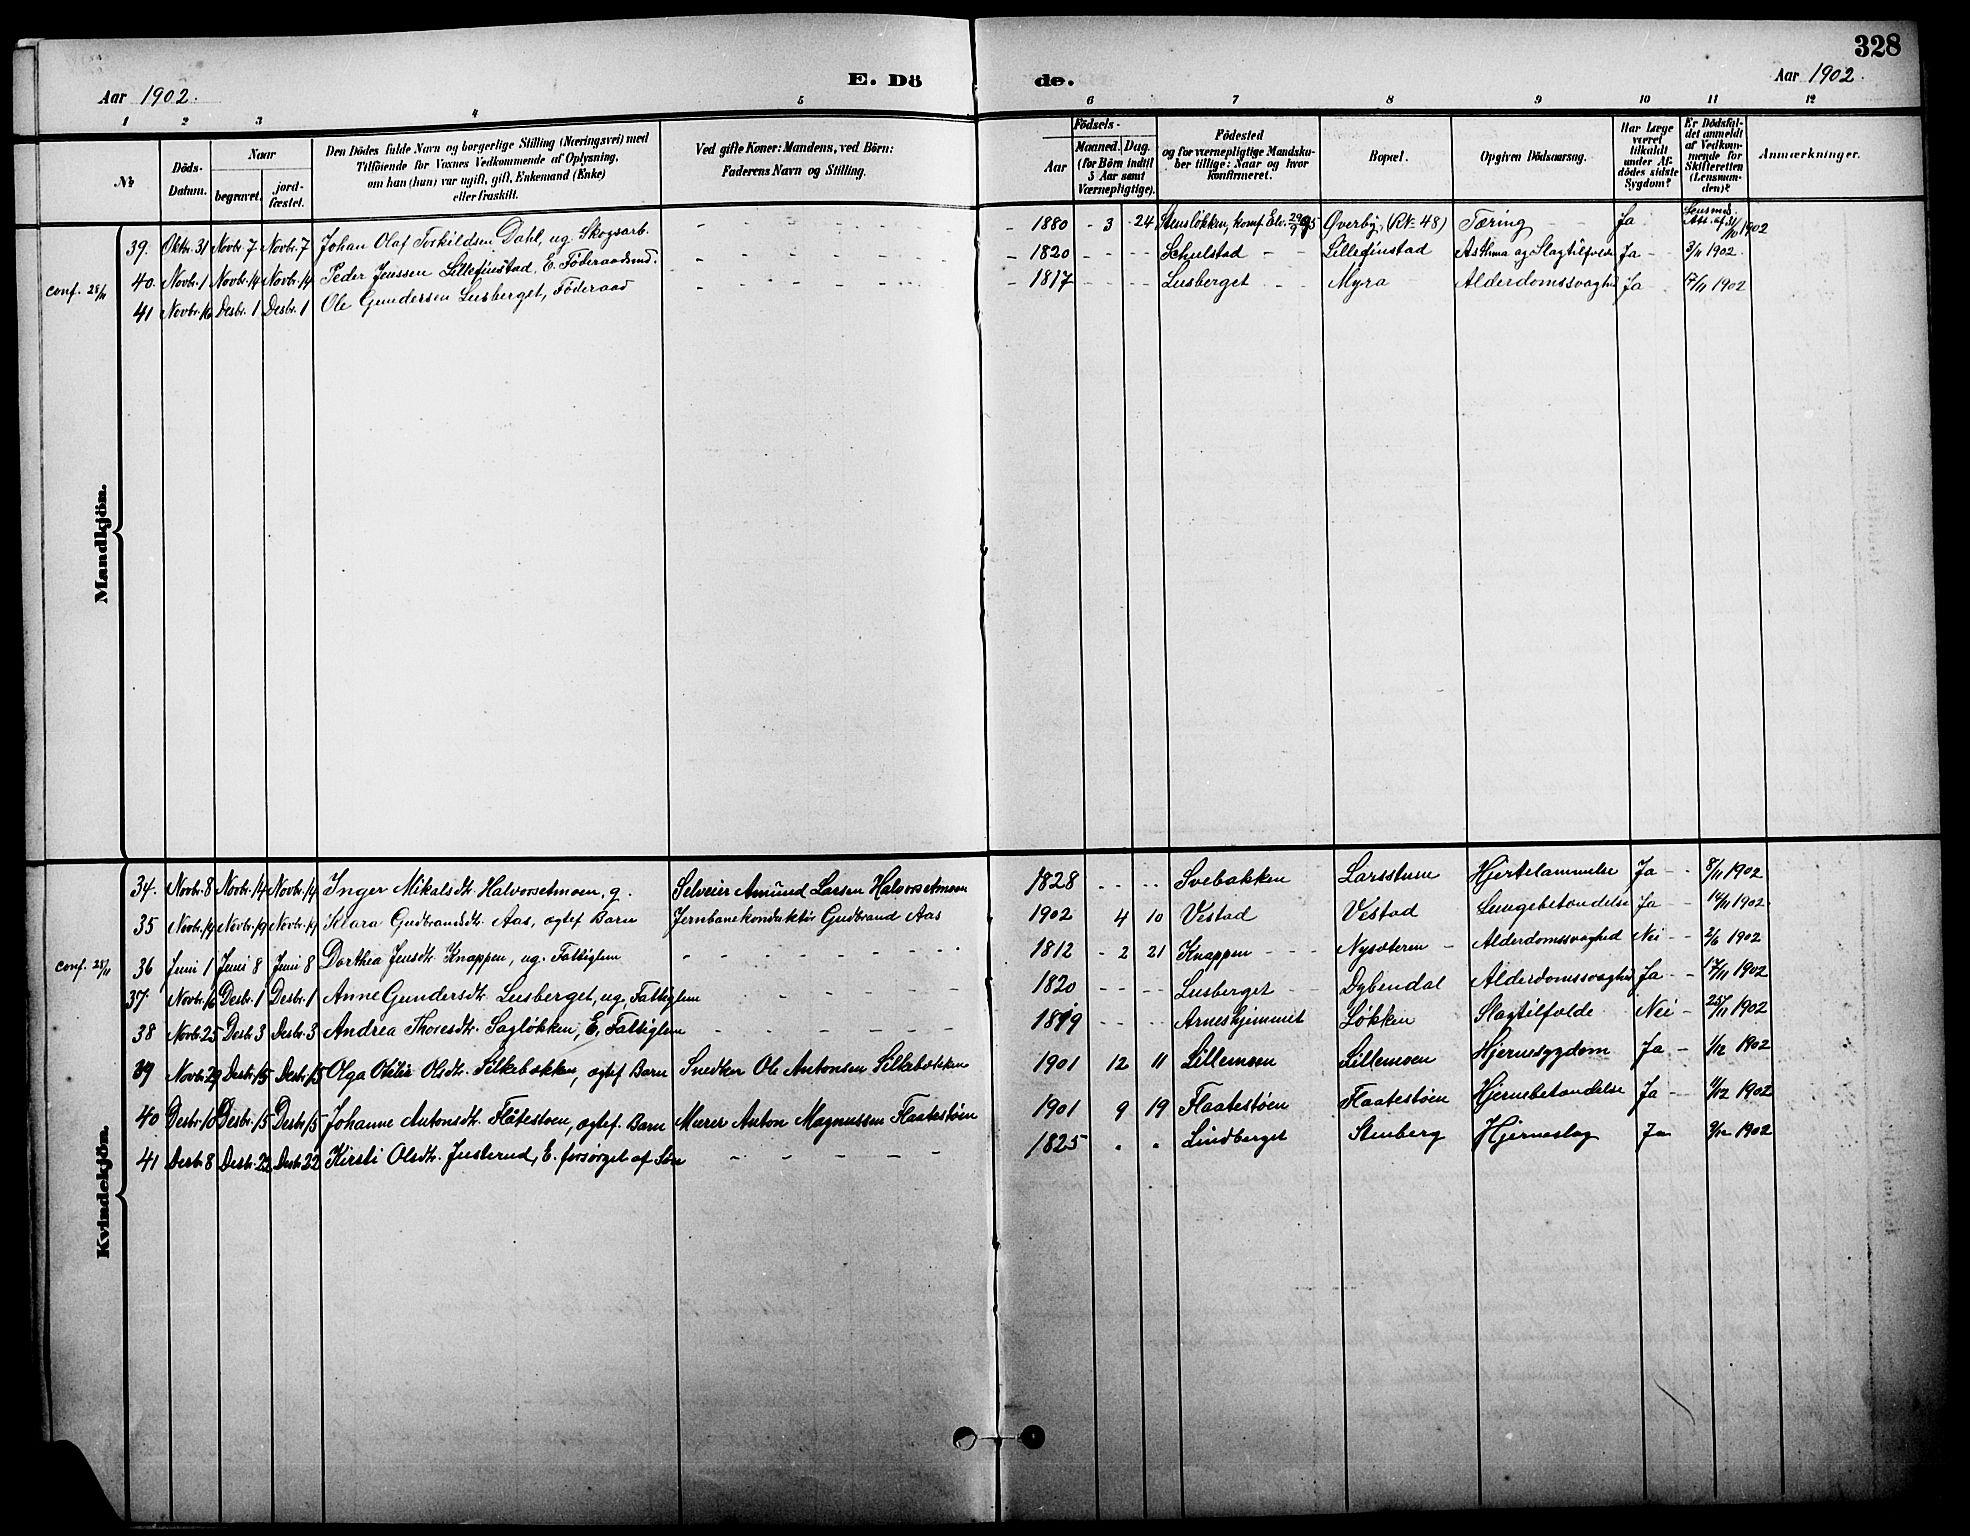 SAH, Elverum prestekontor, H/Ha/Hab/L0005: Klokkerbok nr. 5, 1896-1915, s. 328